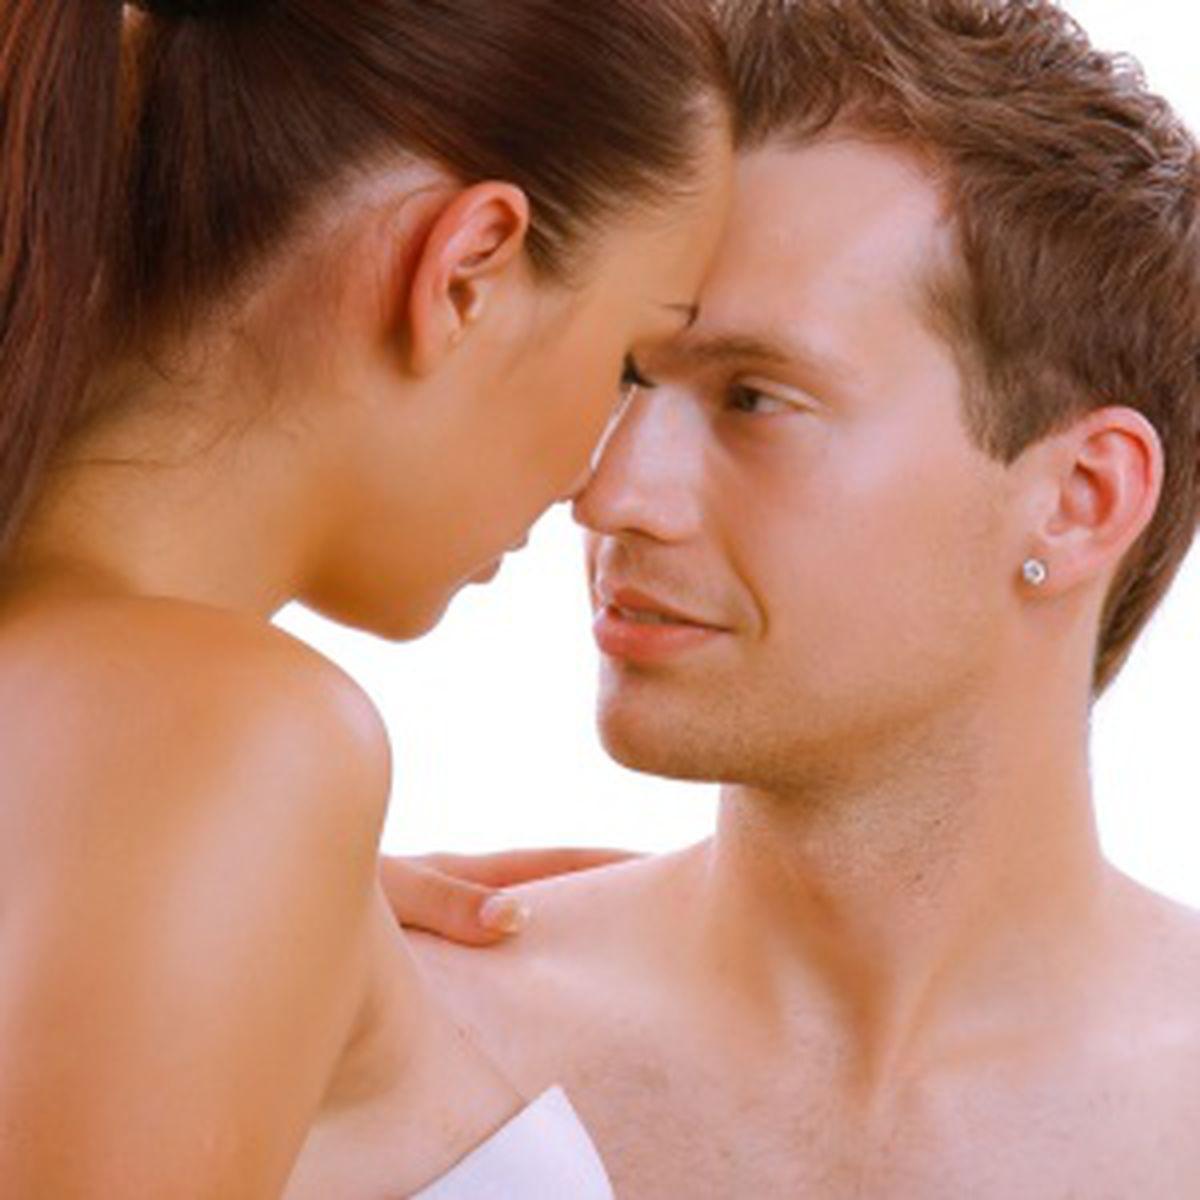 exerciții pentru stimularea penisului